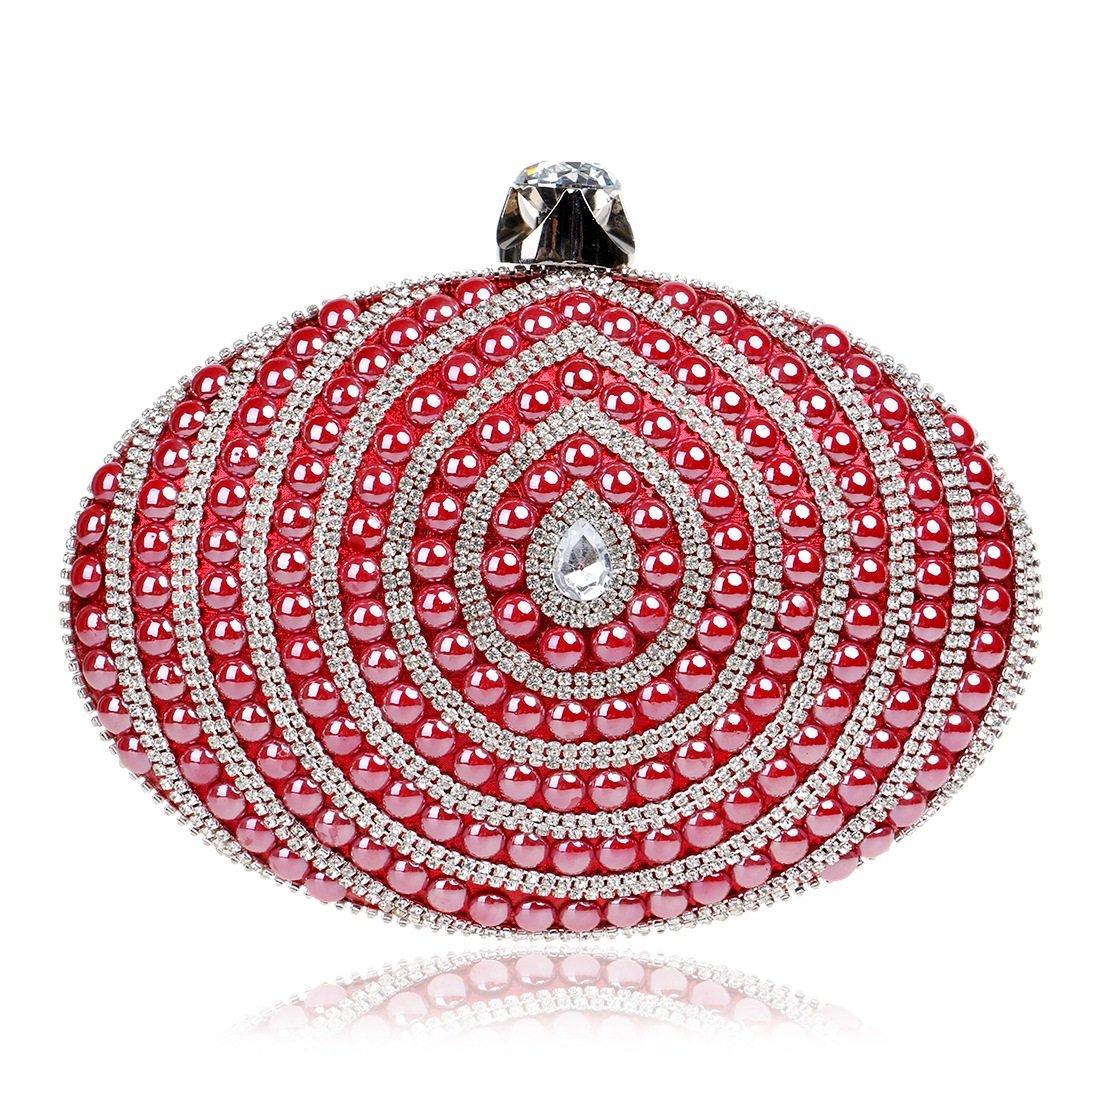 000000001 Frauen-Ellipsen-Abend-Partei-Beutel-Kupplungs-Geldbeutel-Handtasche (Farbe   rot) B07G1BBSJX Clutches Clutches Clutches Lassen Sie unsere Produkte in die Welt gehen fa2b32